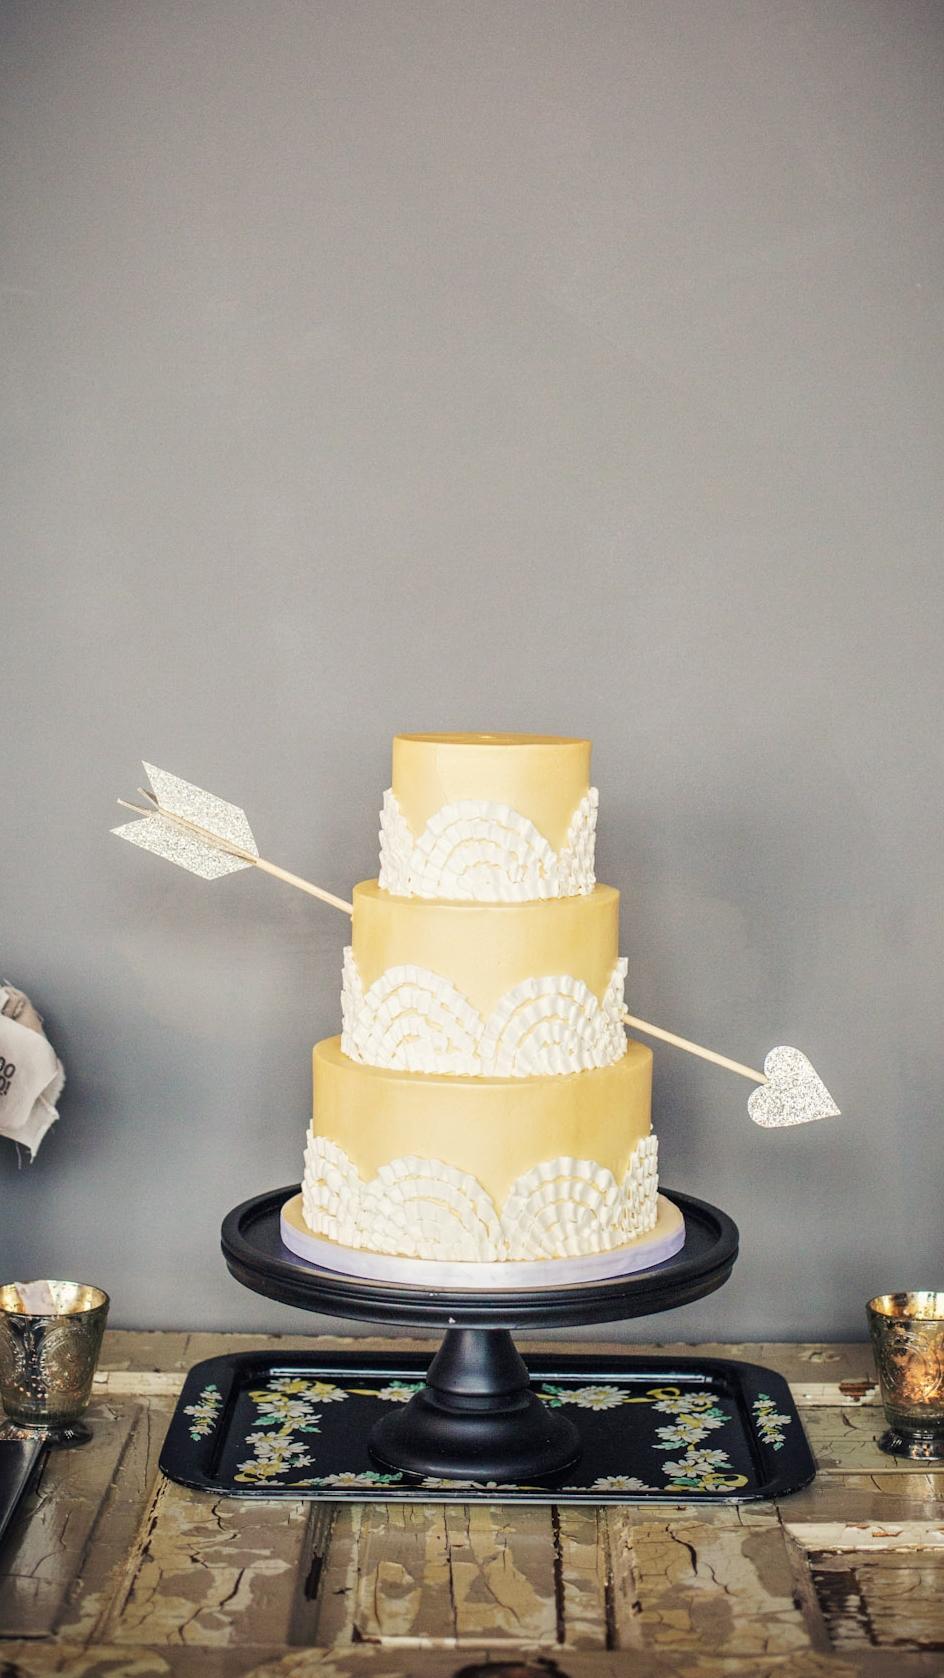 Kansas+City-Small+Wedding-Elope_Intimate_Ceremony_Melanie+David-36.jpg